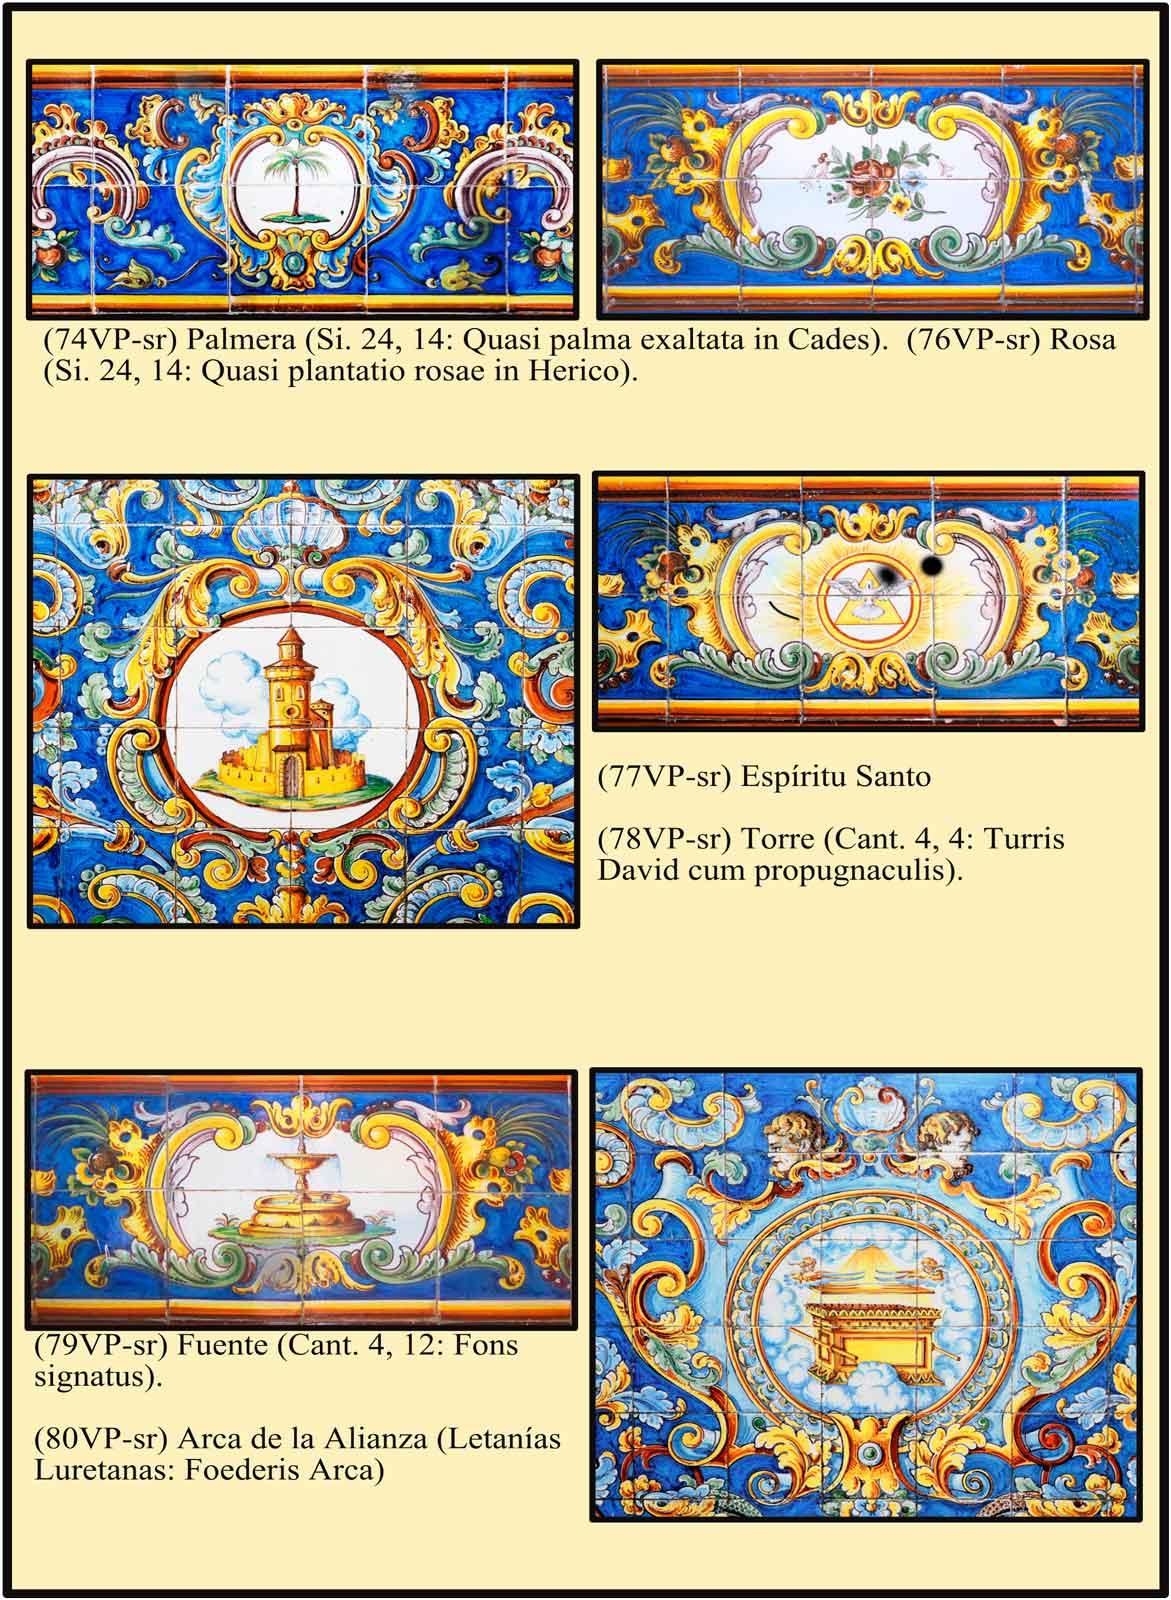 Torre de David, arca de la Alizanca como simbolos de María Virgen